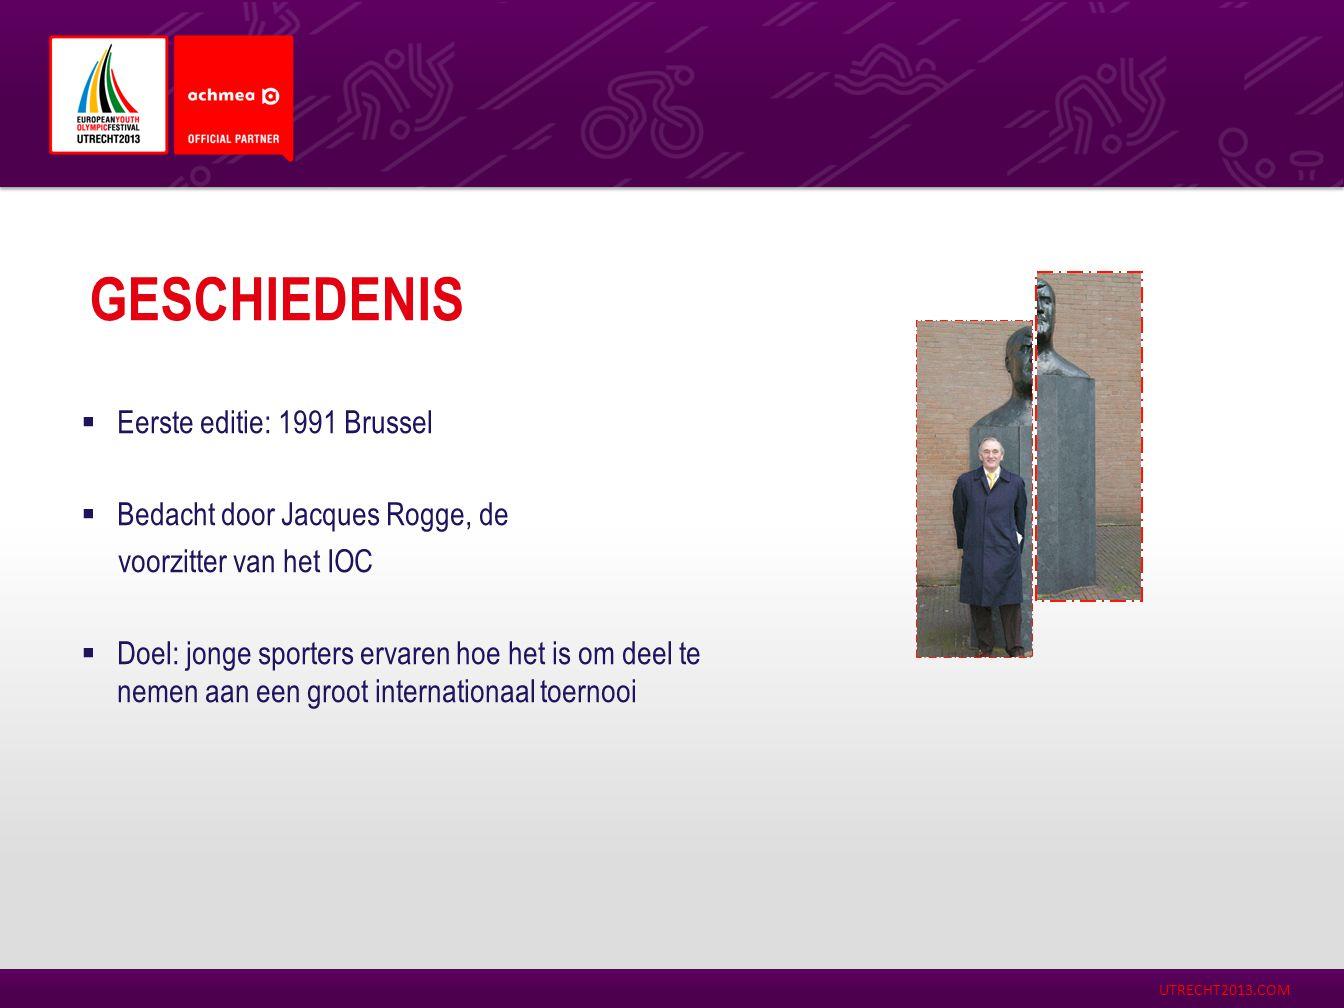 UTRECHT2013.COM AMBASSADEURS Pieter van den Hoogenband Toernooidirecteur Zelf EYOF-deelnemer in 1993 Edith Bosch Ambassadeur Zelf EYOF-deelnemer in 1995